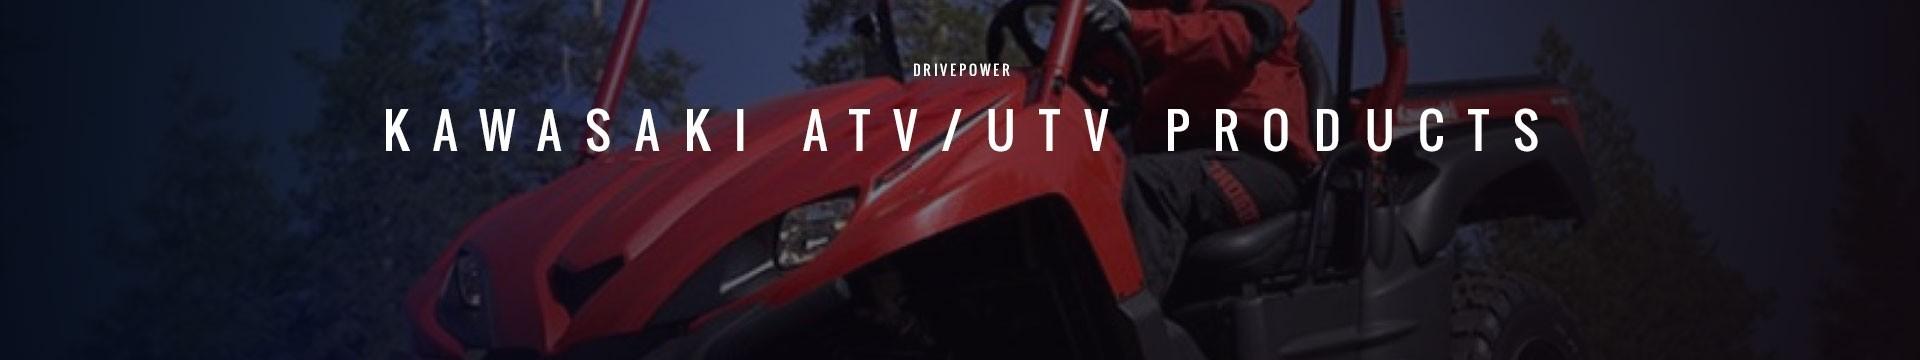 Kawasaki ATV Products